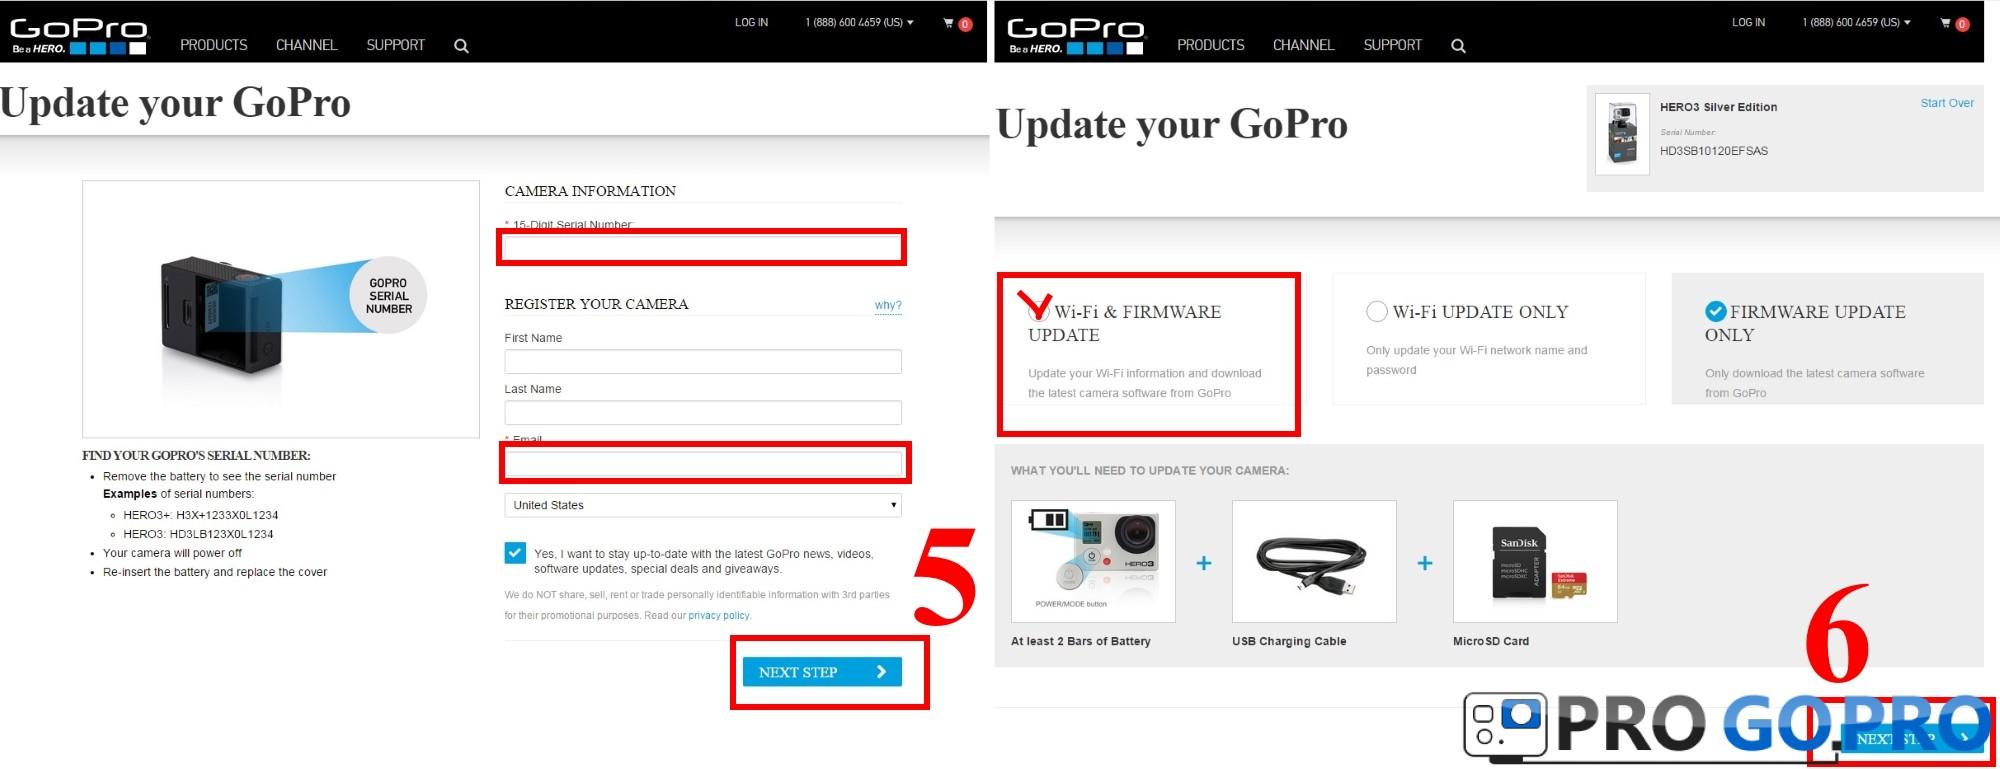 Инструкция как обновить прошивку на камере Gopro. Шаг5 и Шаг6